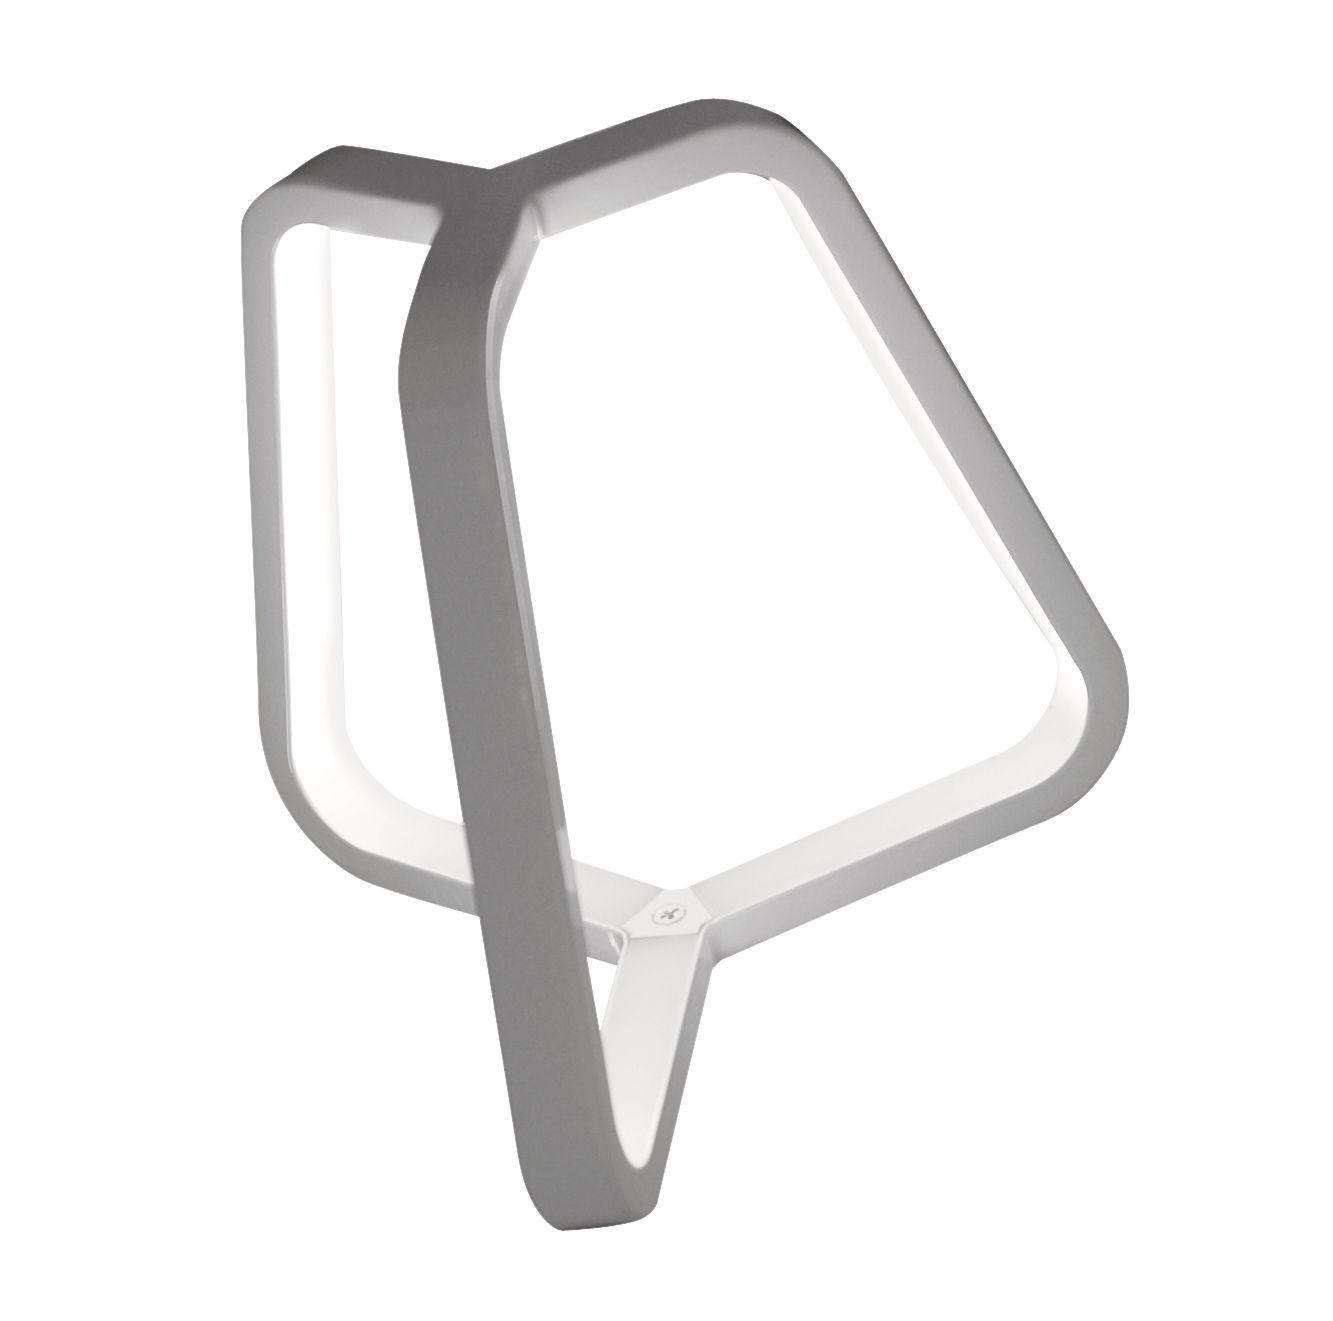 Leuchten - Tischleuchten - Toy Tischleuchte H 20 cm - Martinelli Luce - Weiß - Aluminium, Methacrylate, Polykarbonat